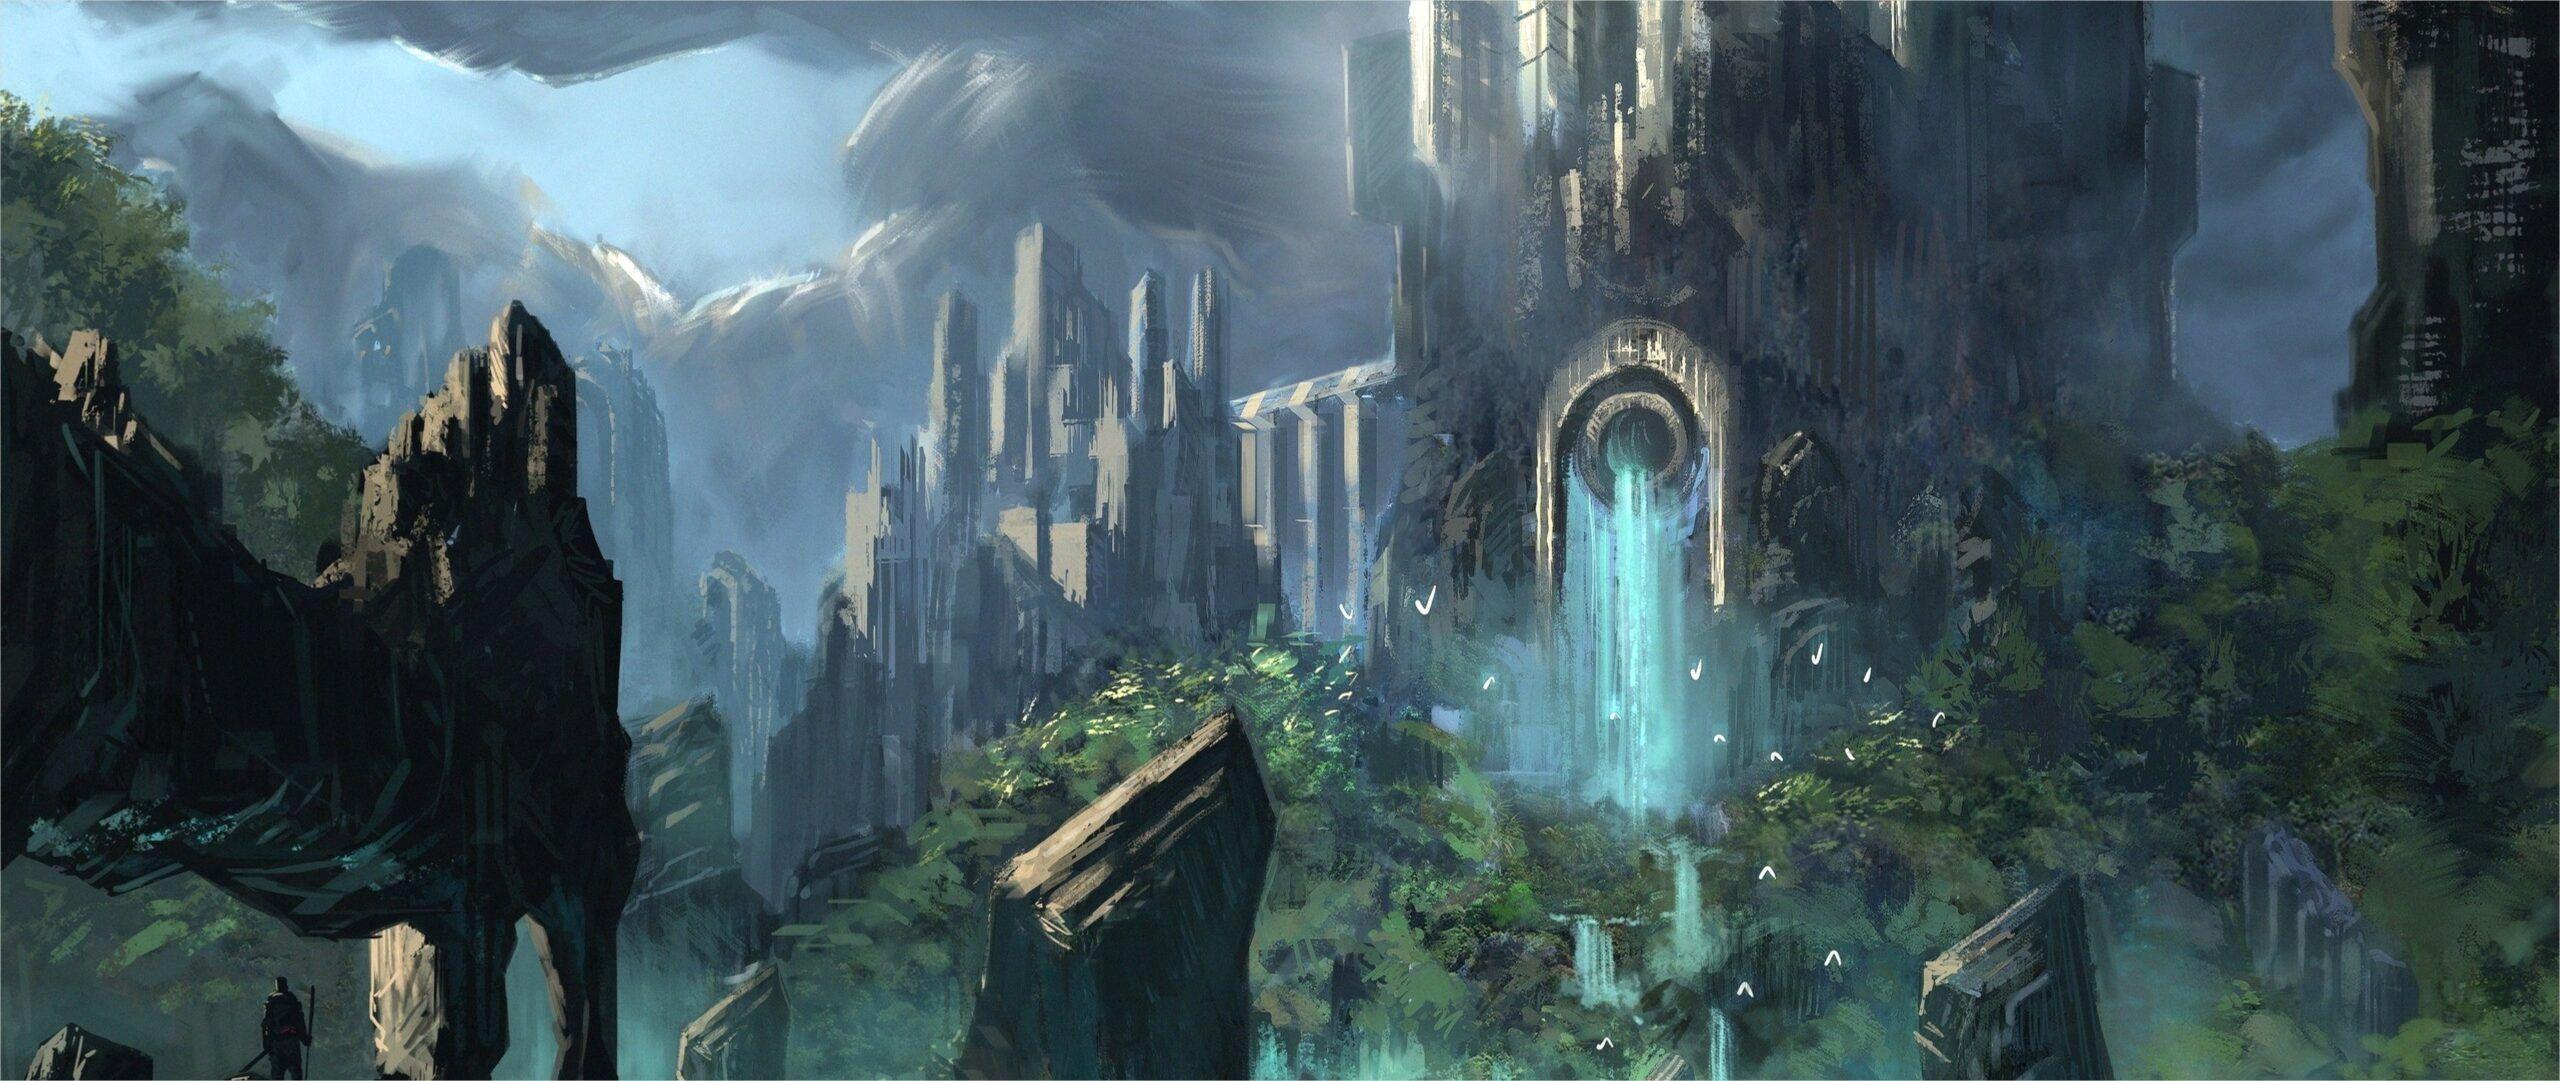 4k Dark Castle Wallpaper In 2020 Fantasy Castle Fantasy Background Anime Fantasy